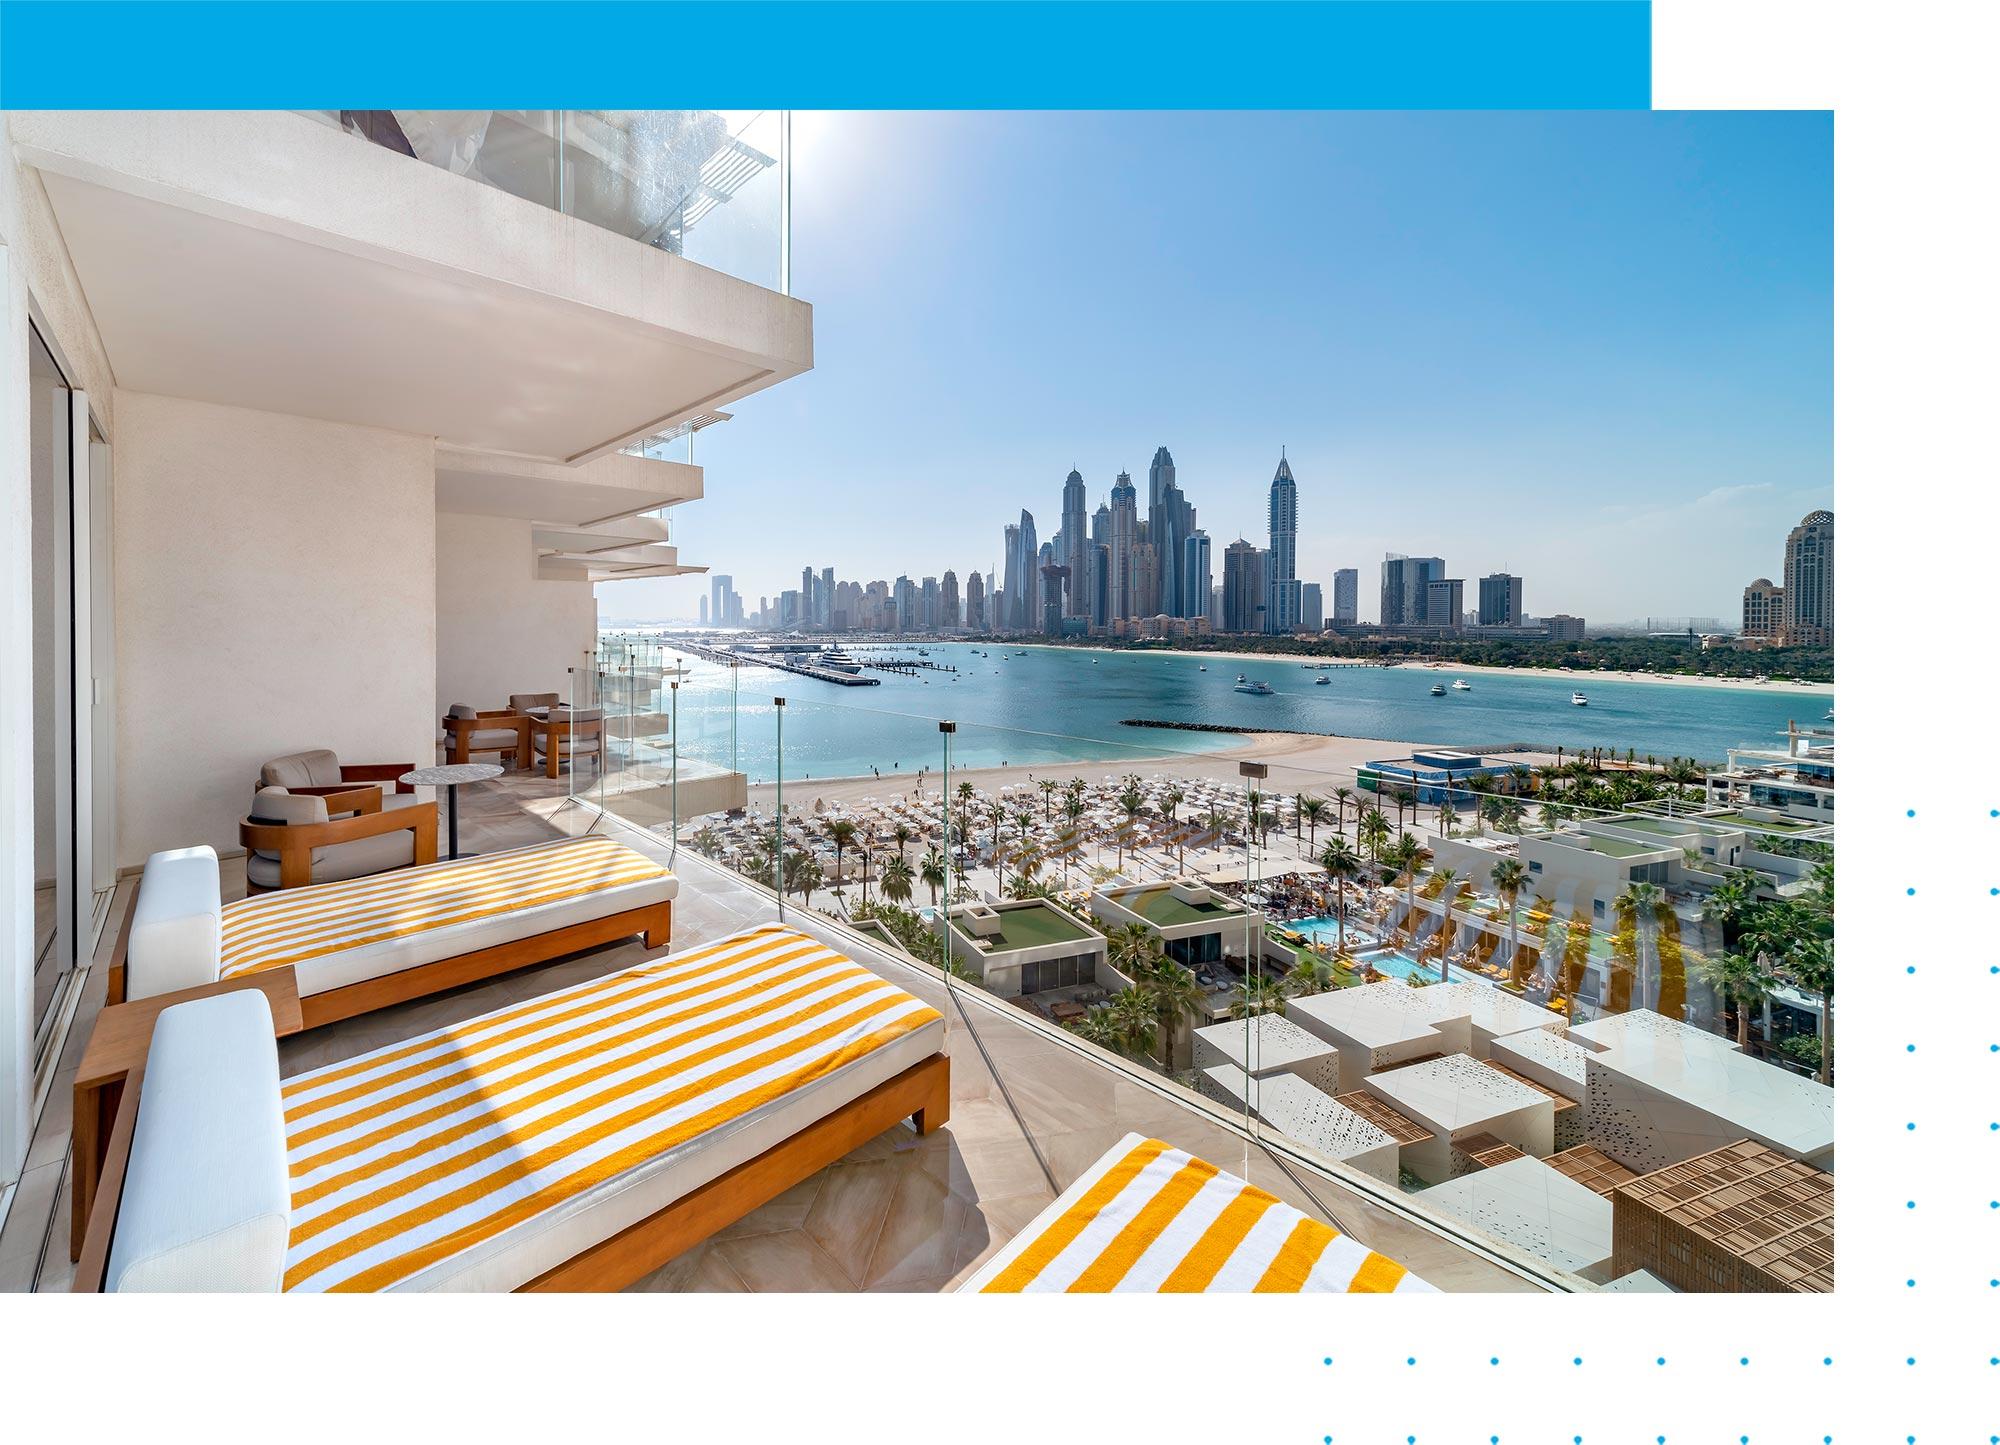 شقق فايف بالم جميرا للبيع في دبي: opr.ae